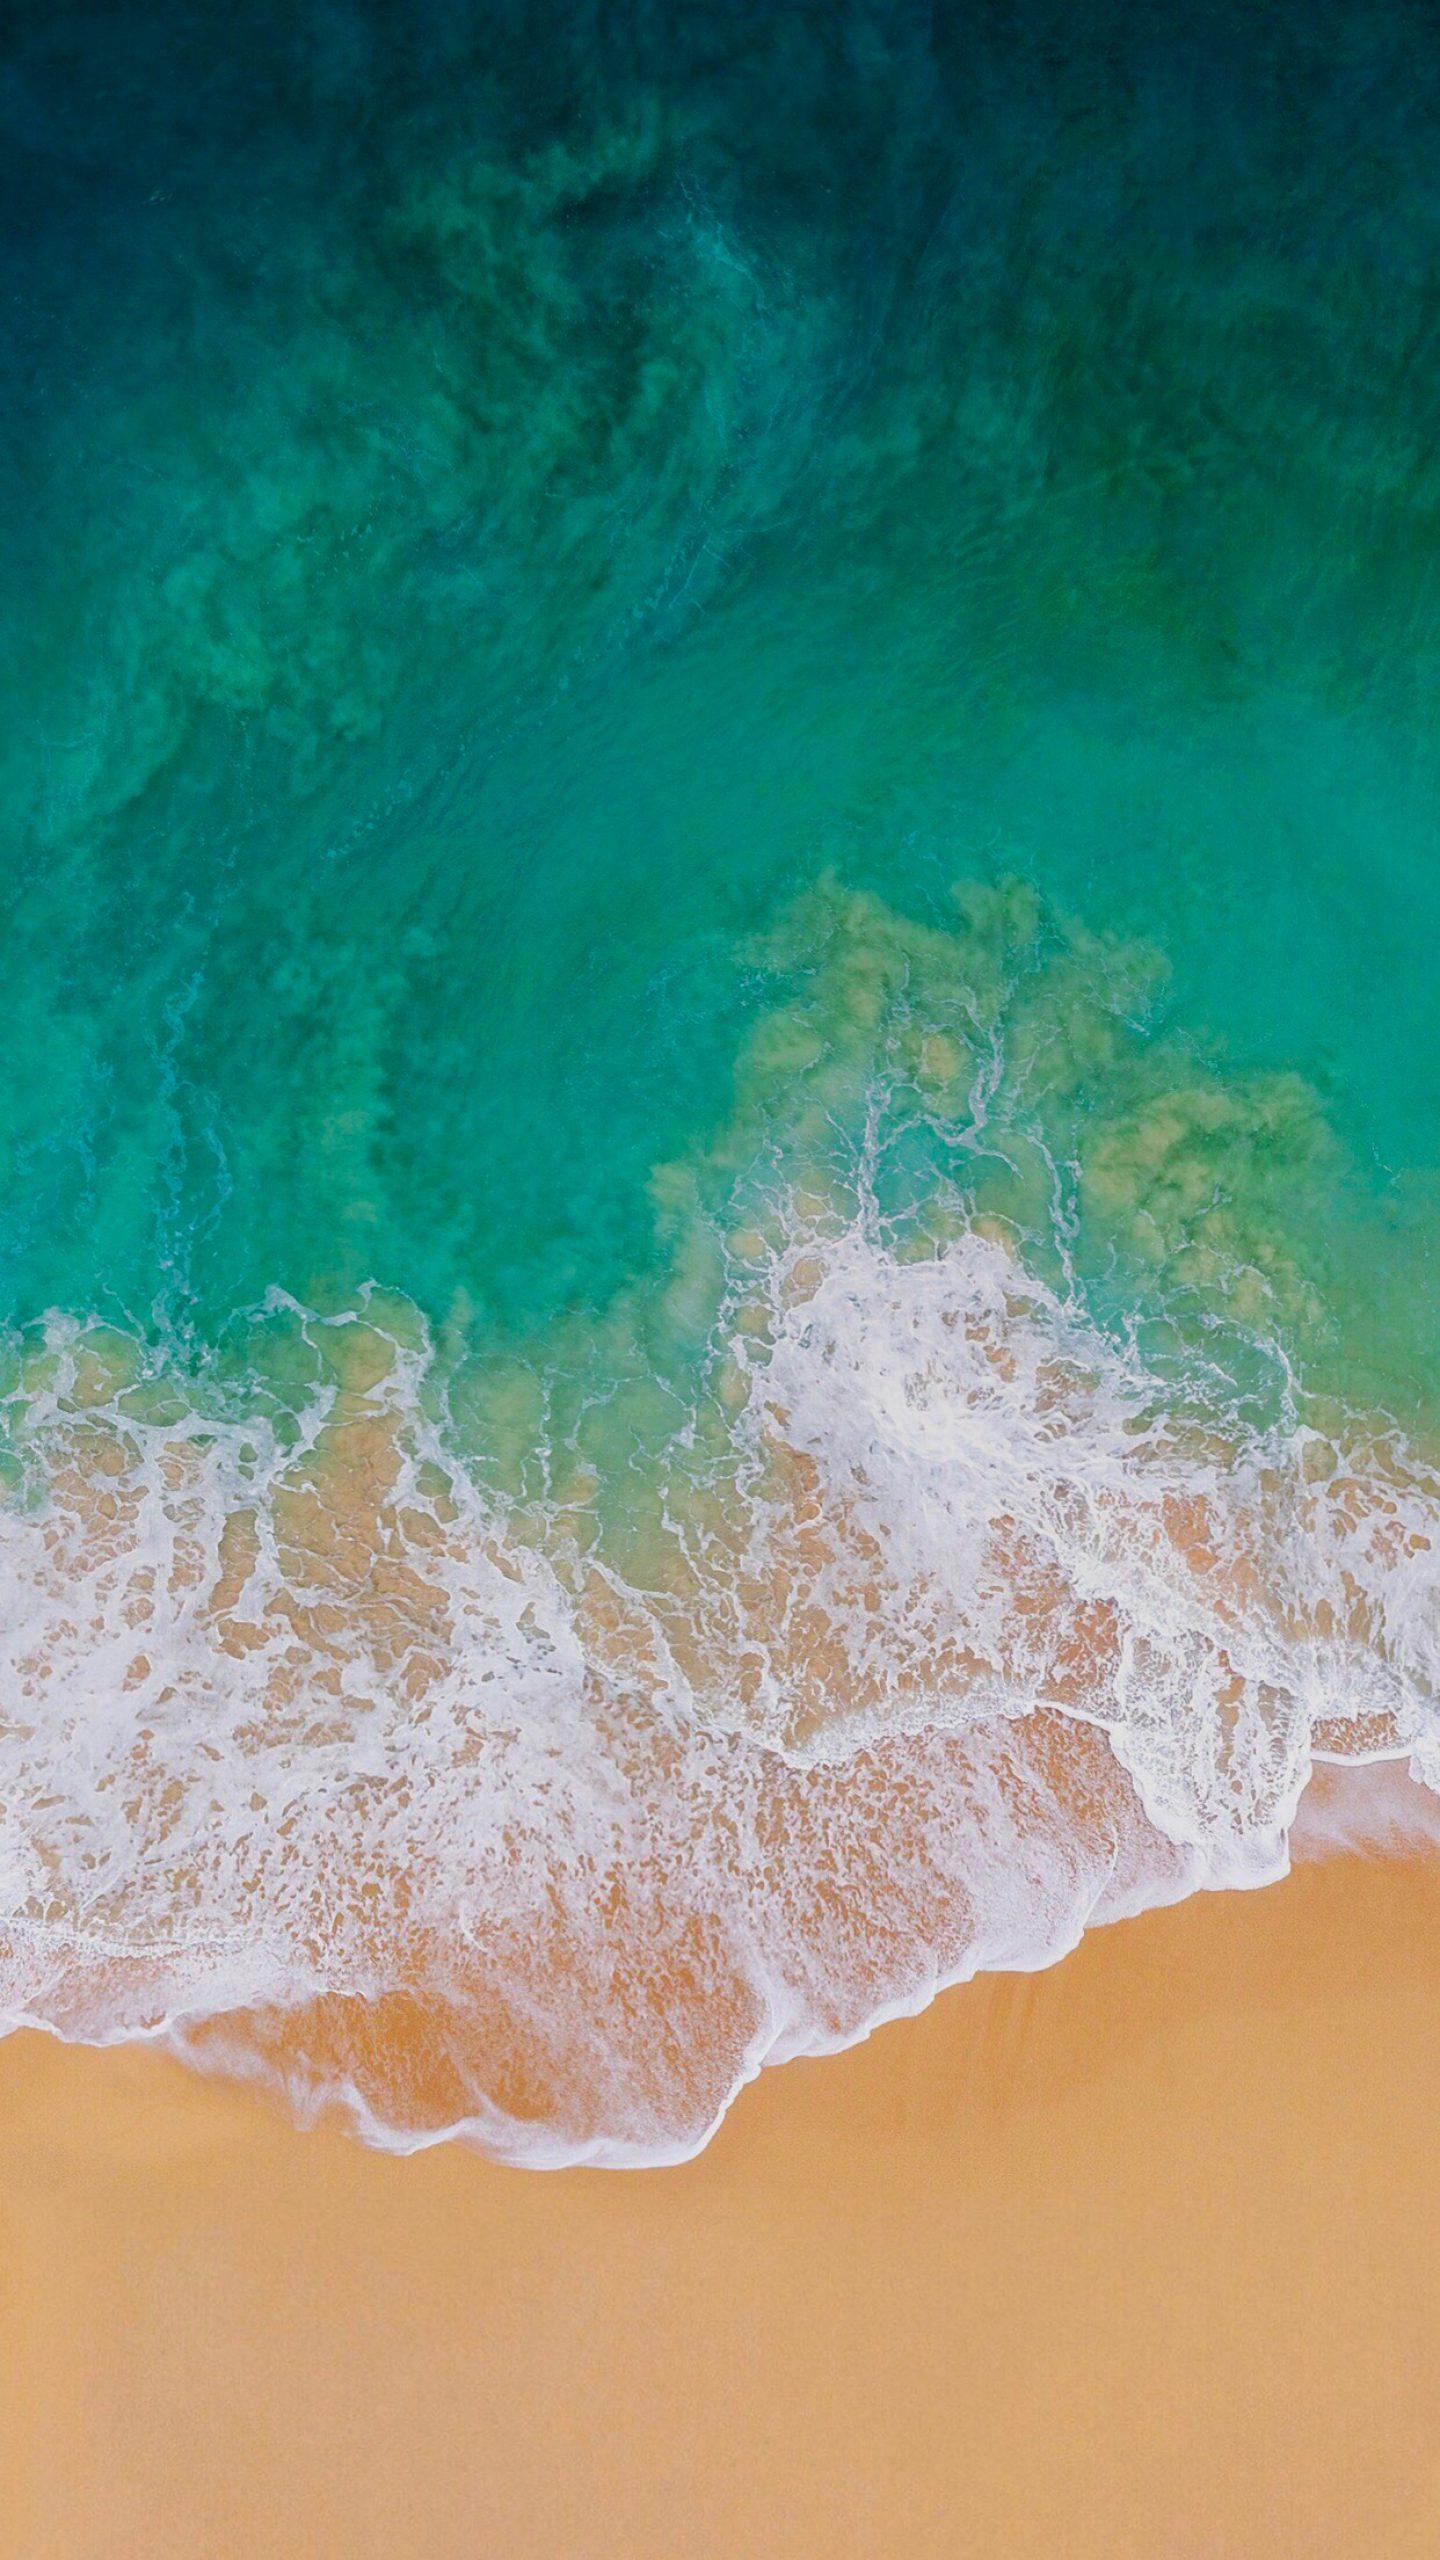 Hình nền Samsung bờ biển sóng vỗ